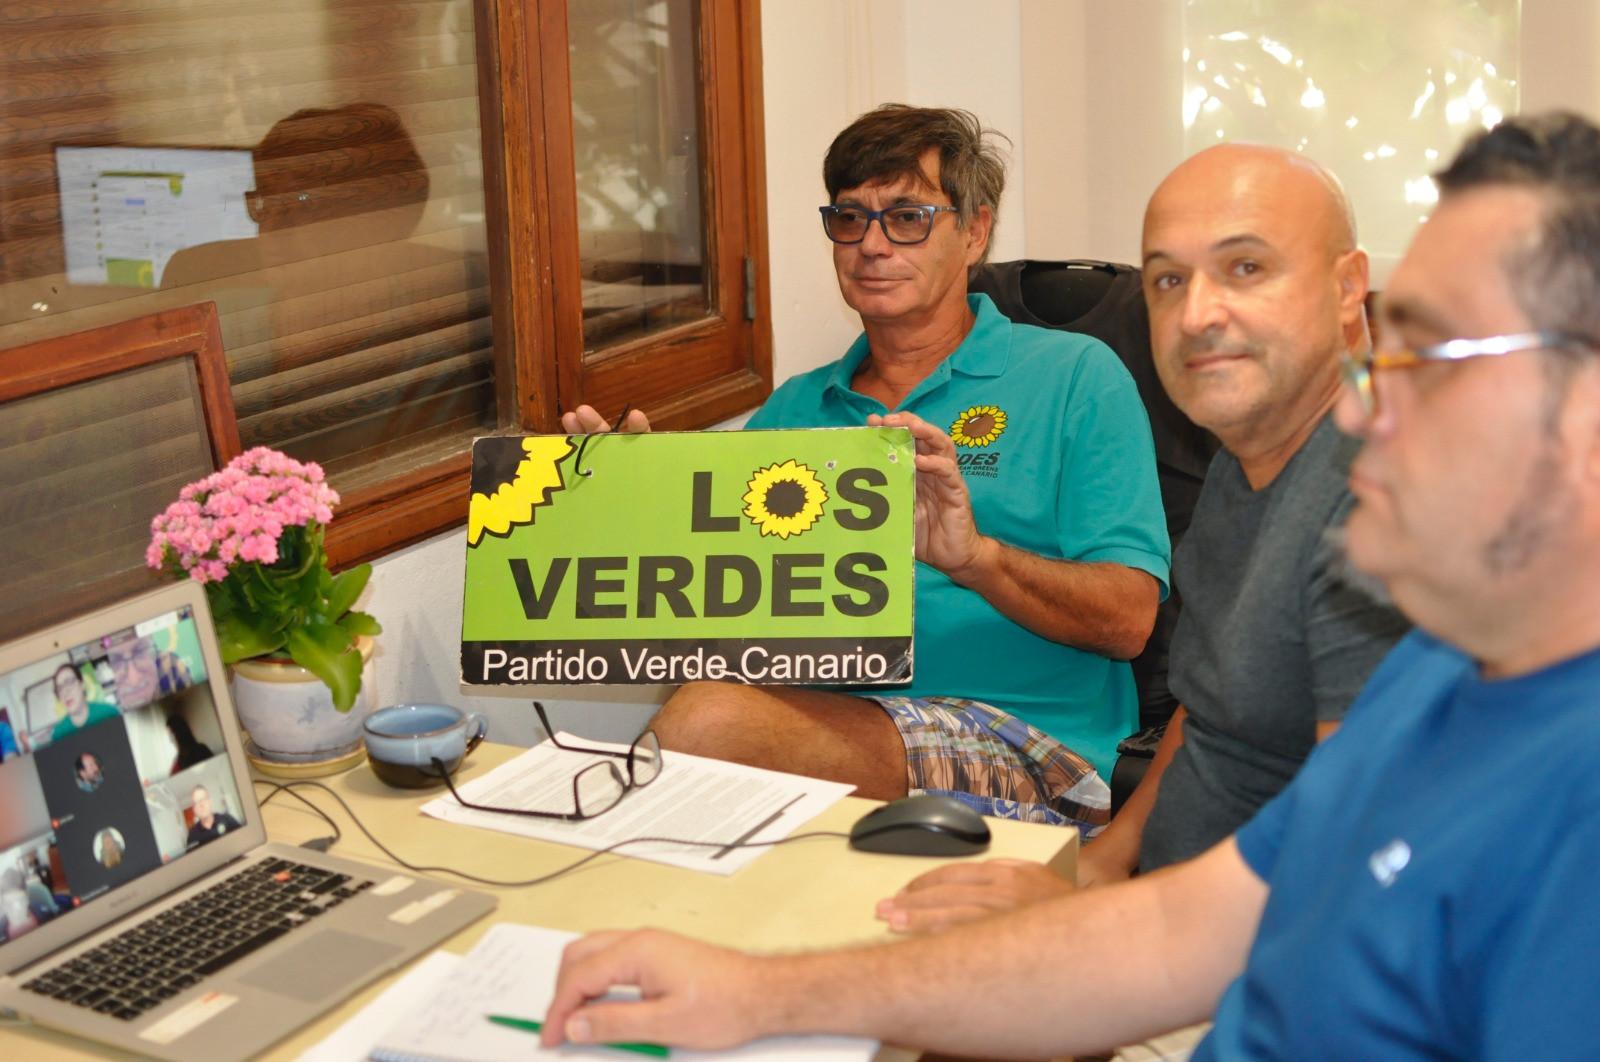 Web para conocer gente en anglesola